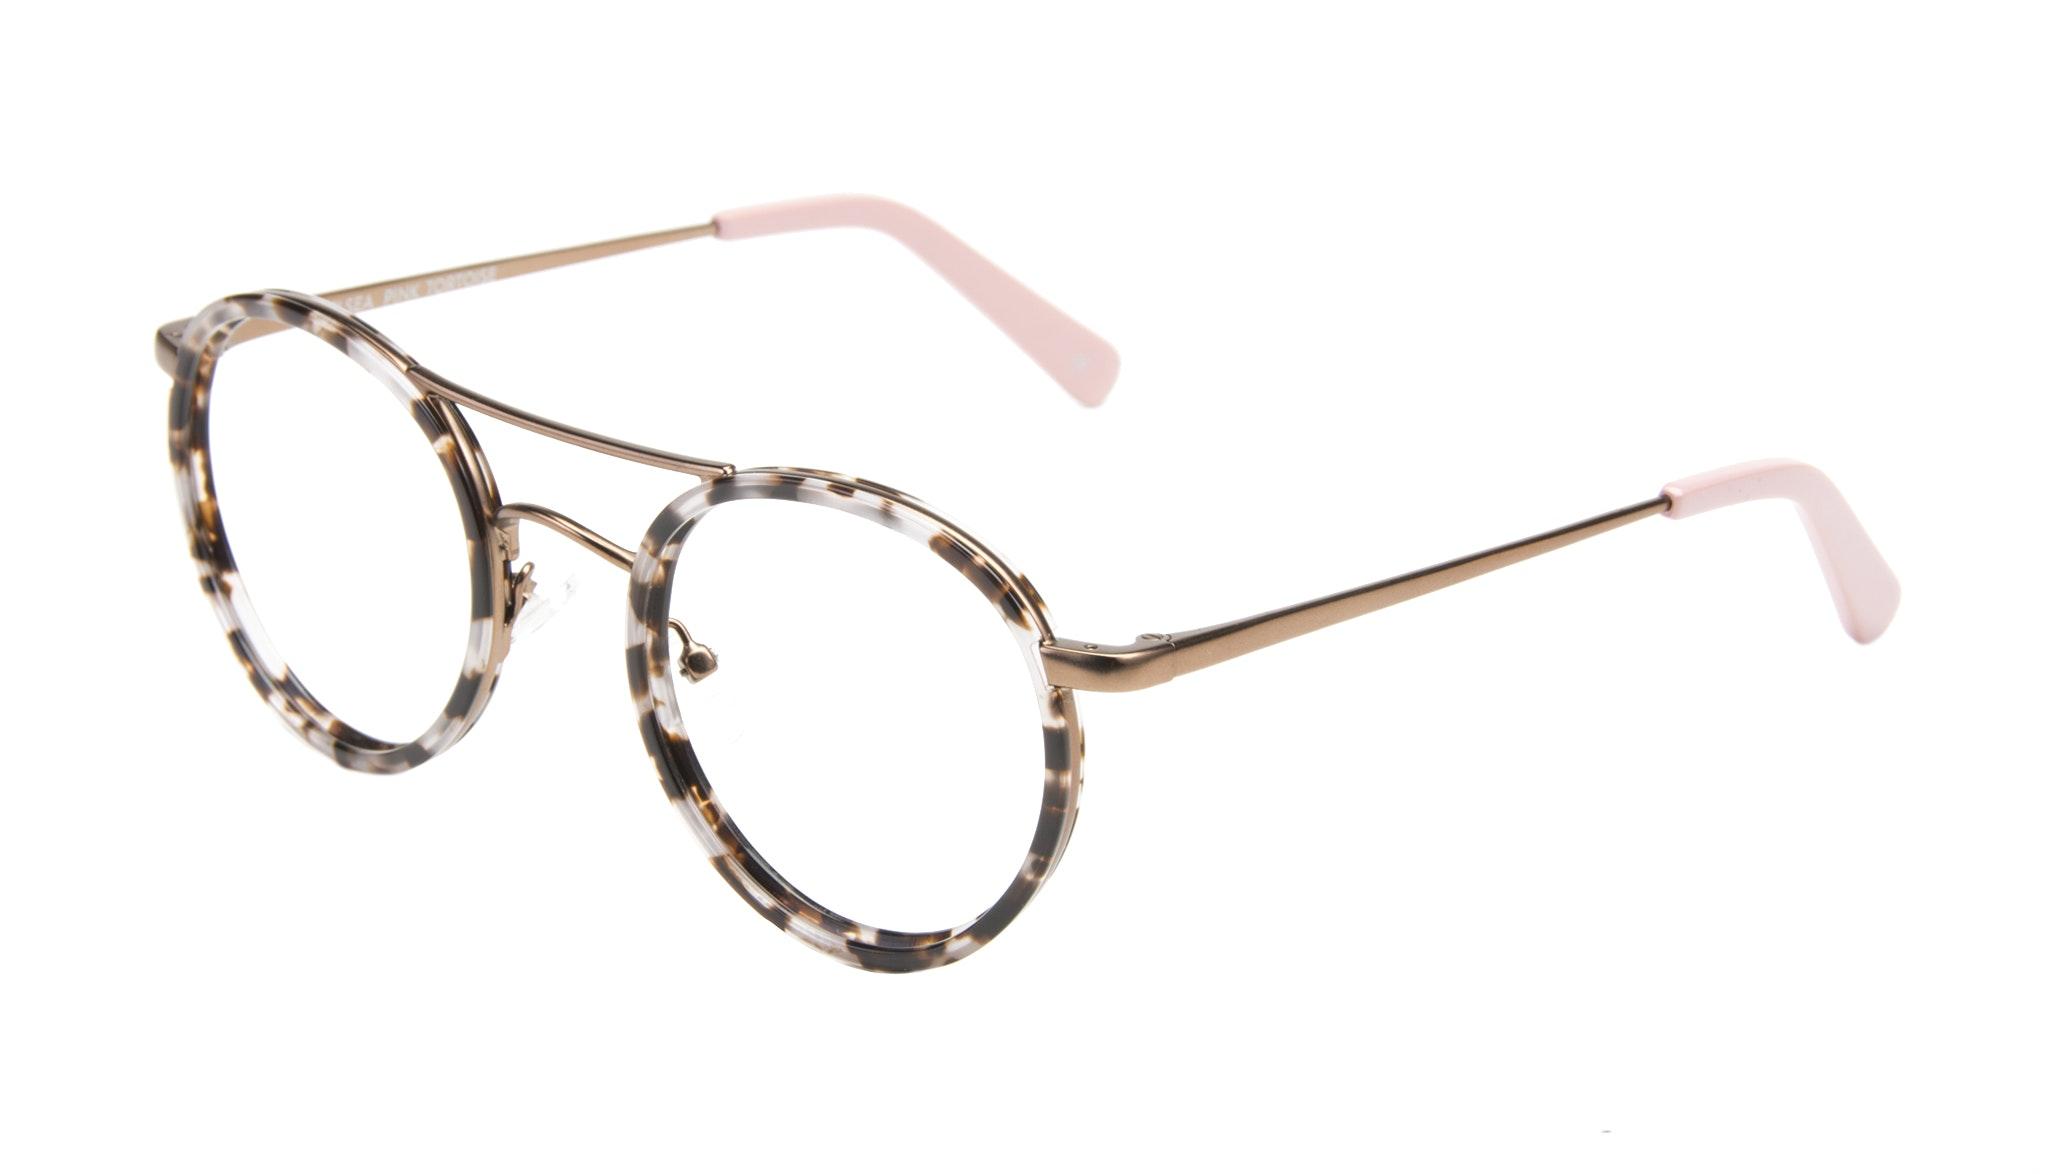 Affordable Fashion Glasses Aviator Round Eyeglasses Women Chelsea Pink Tortoise Tilt